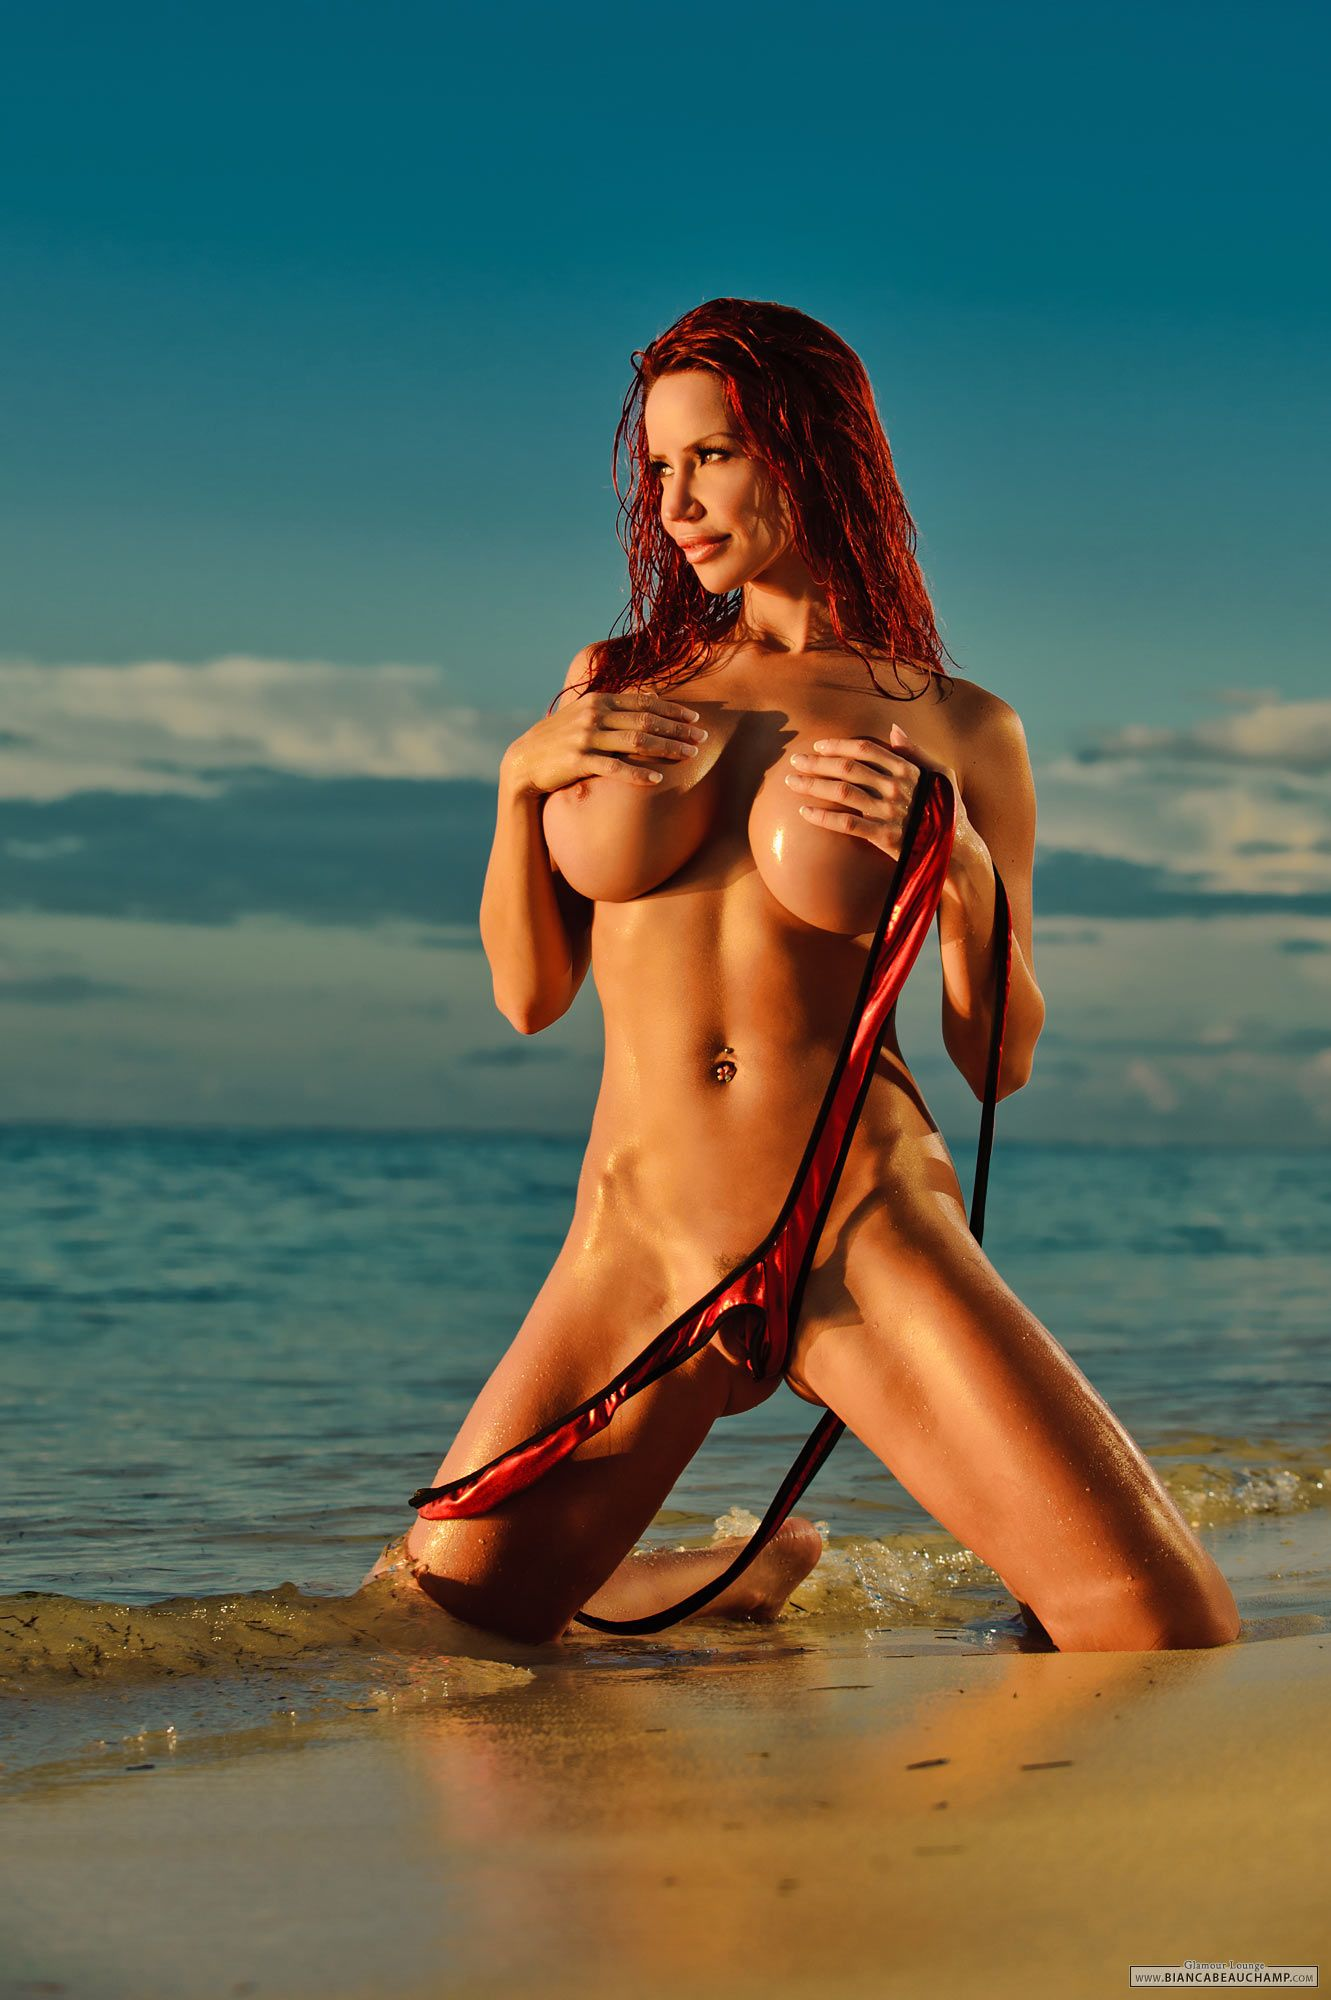 Nude sling beauchamp bikini bianca